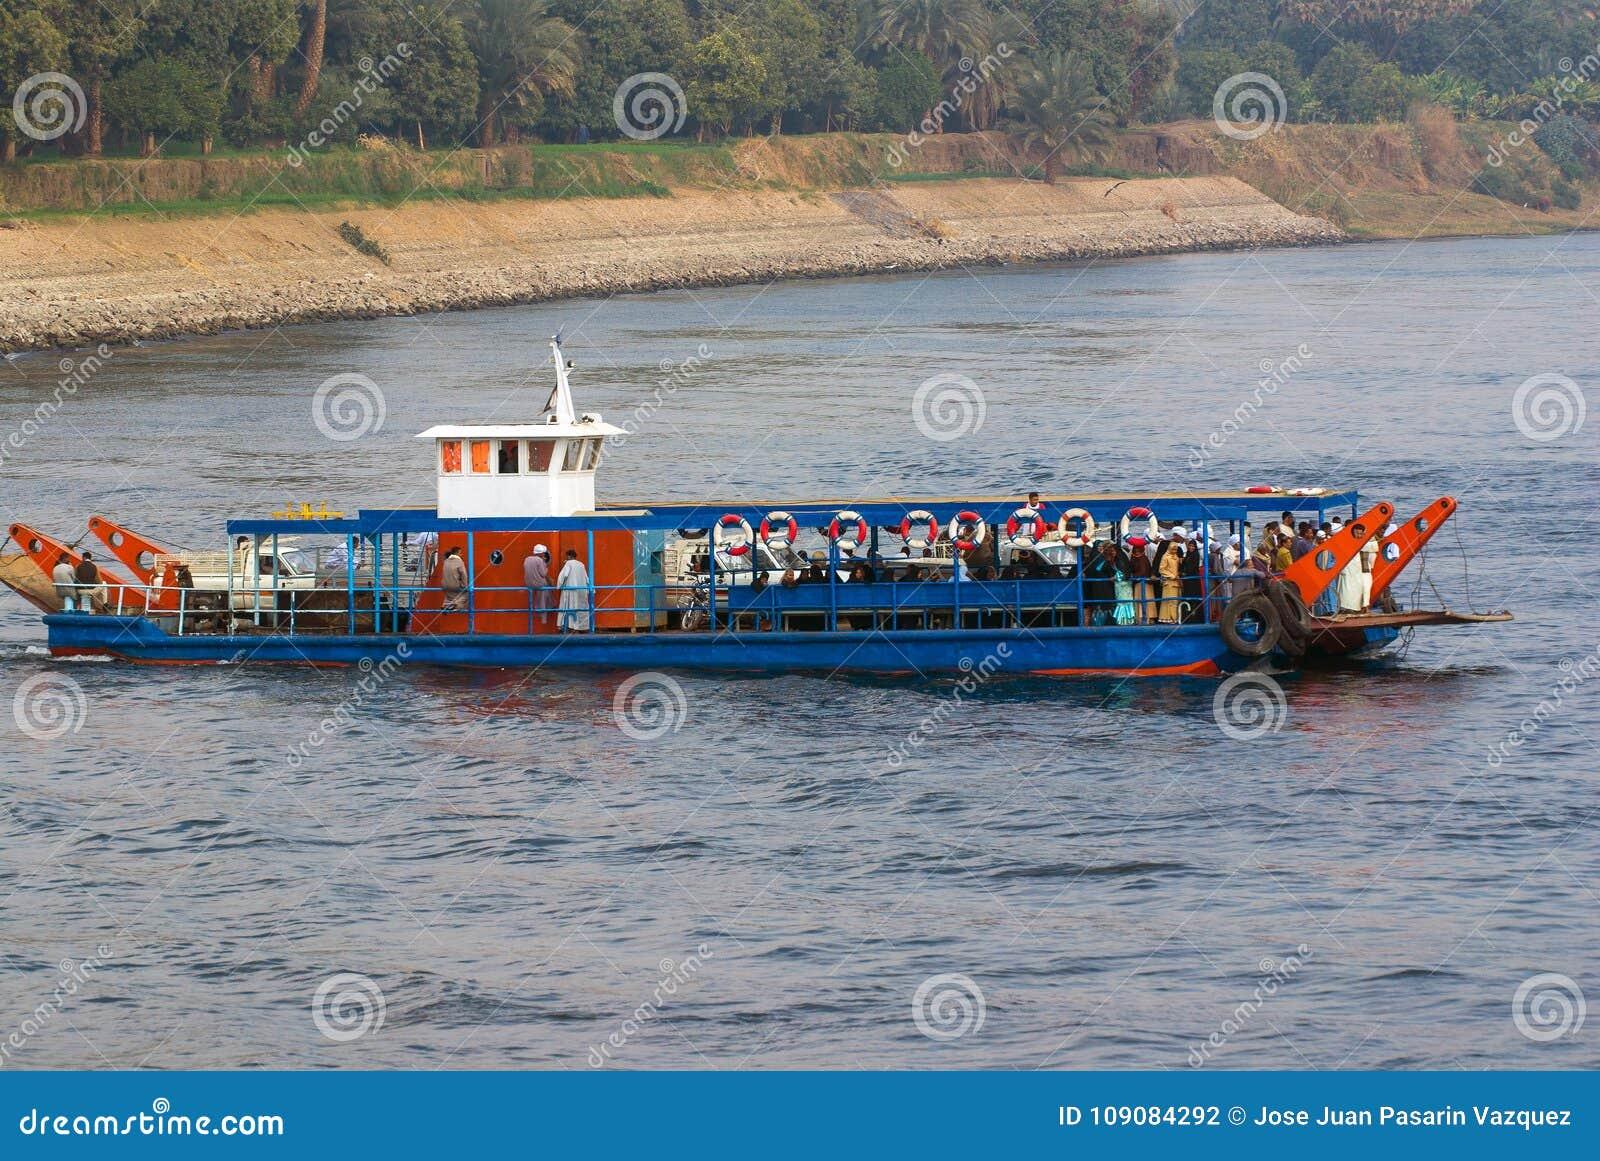 Ποταμός του Νείλου, κοντά σε Aswnm, Αίγυπτος, στις 21 Φεβρουαρίου 2017: Πορθμείο που μεταφέρει τους ανθρώπους που διασχίζουν τον